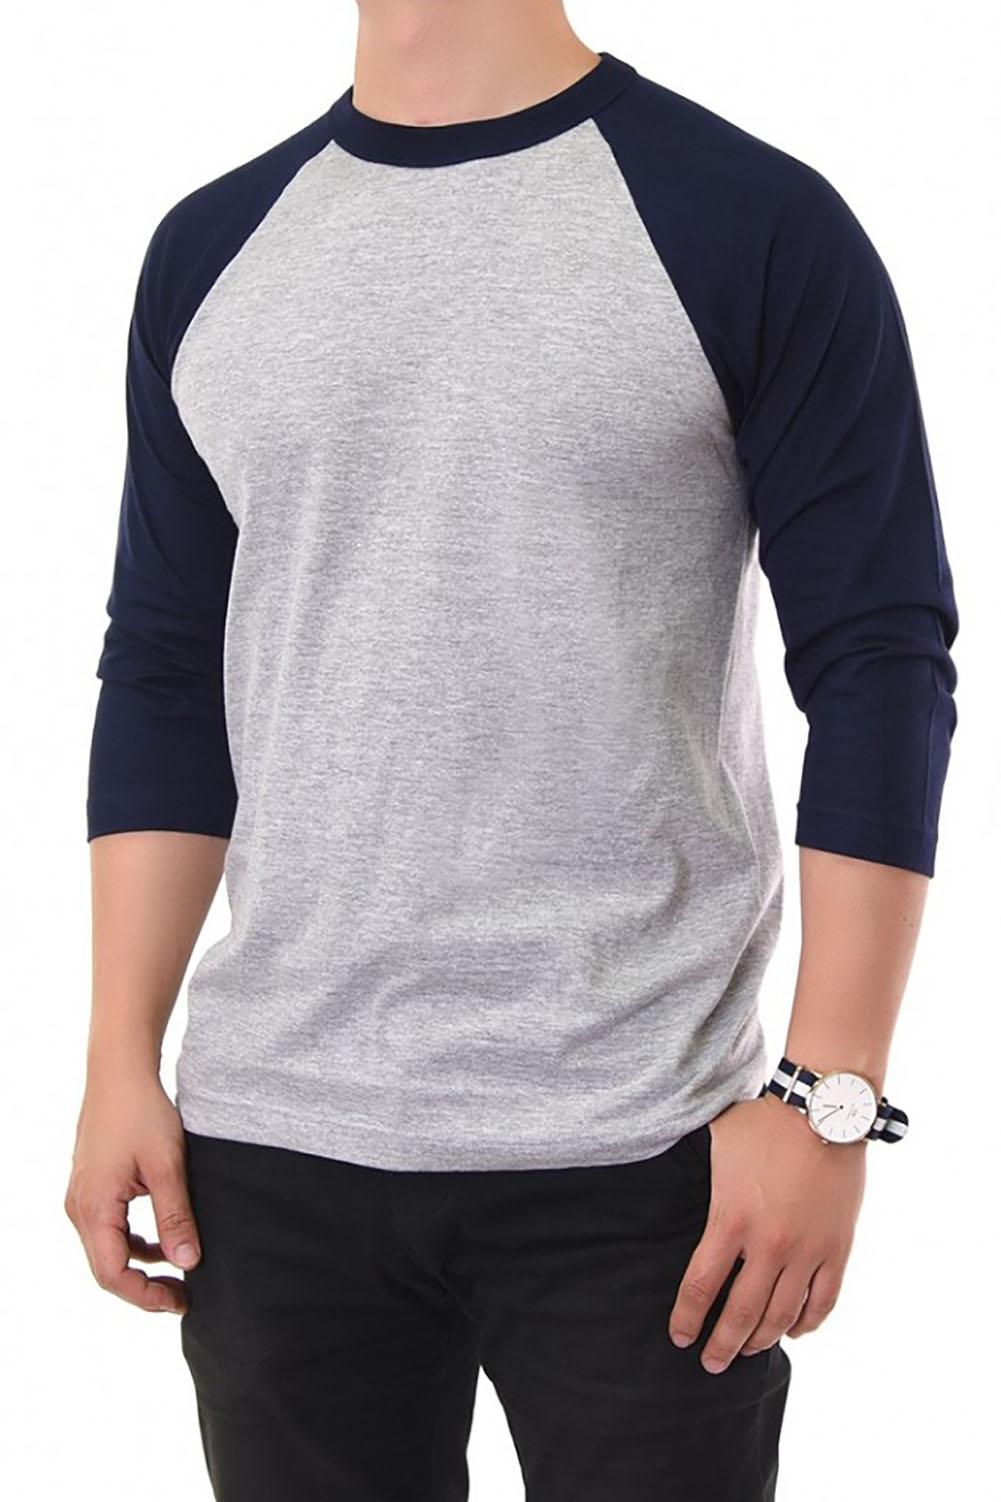 Mens 100 cotton 3 4 sleeve t shirt baseball jersey raglan for Baseball jersey t shirt custom